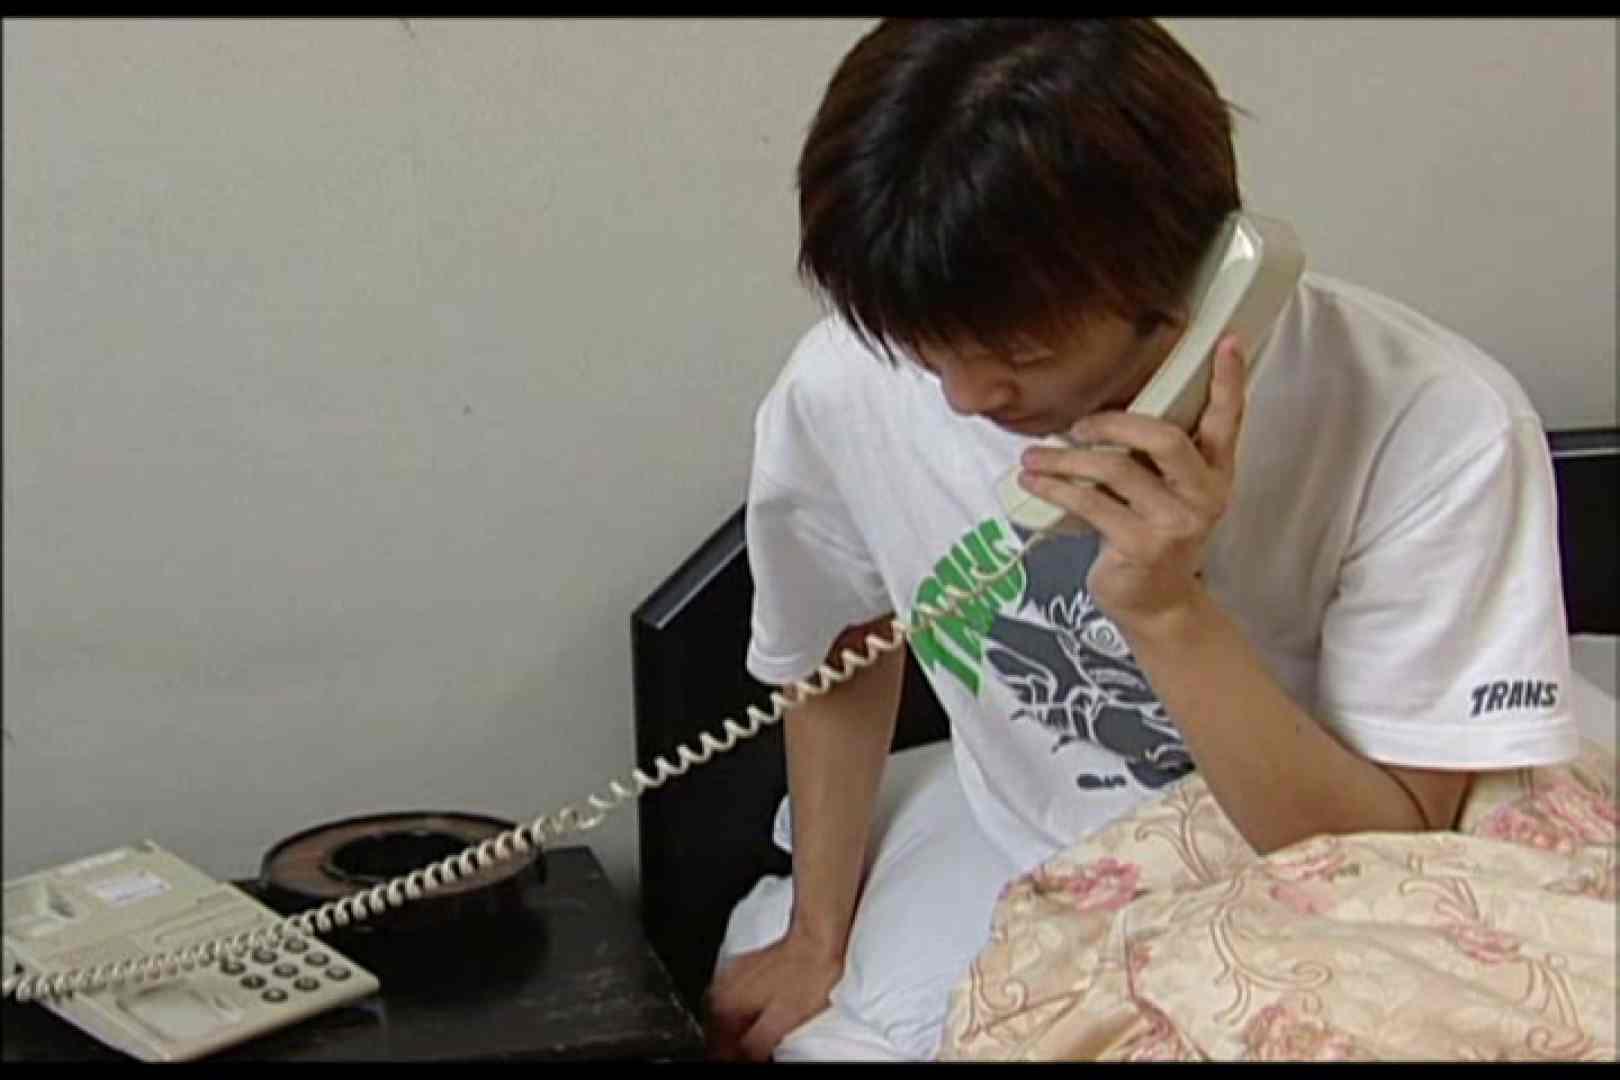 かよわい若者達の性的コミュニケーション(高画質ver)VOL.01 フェラDE絶頂 | 完全無修正でお届け  61pic 4